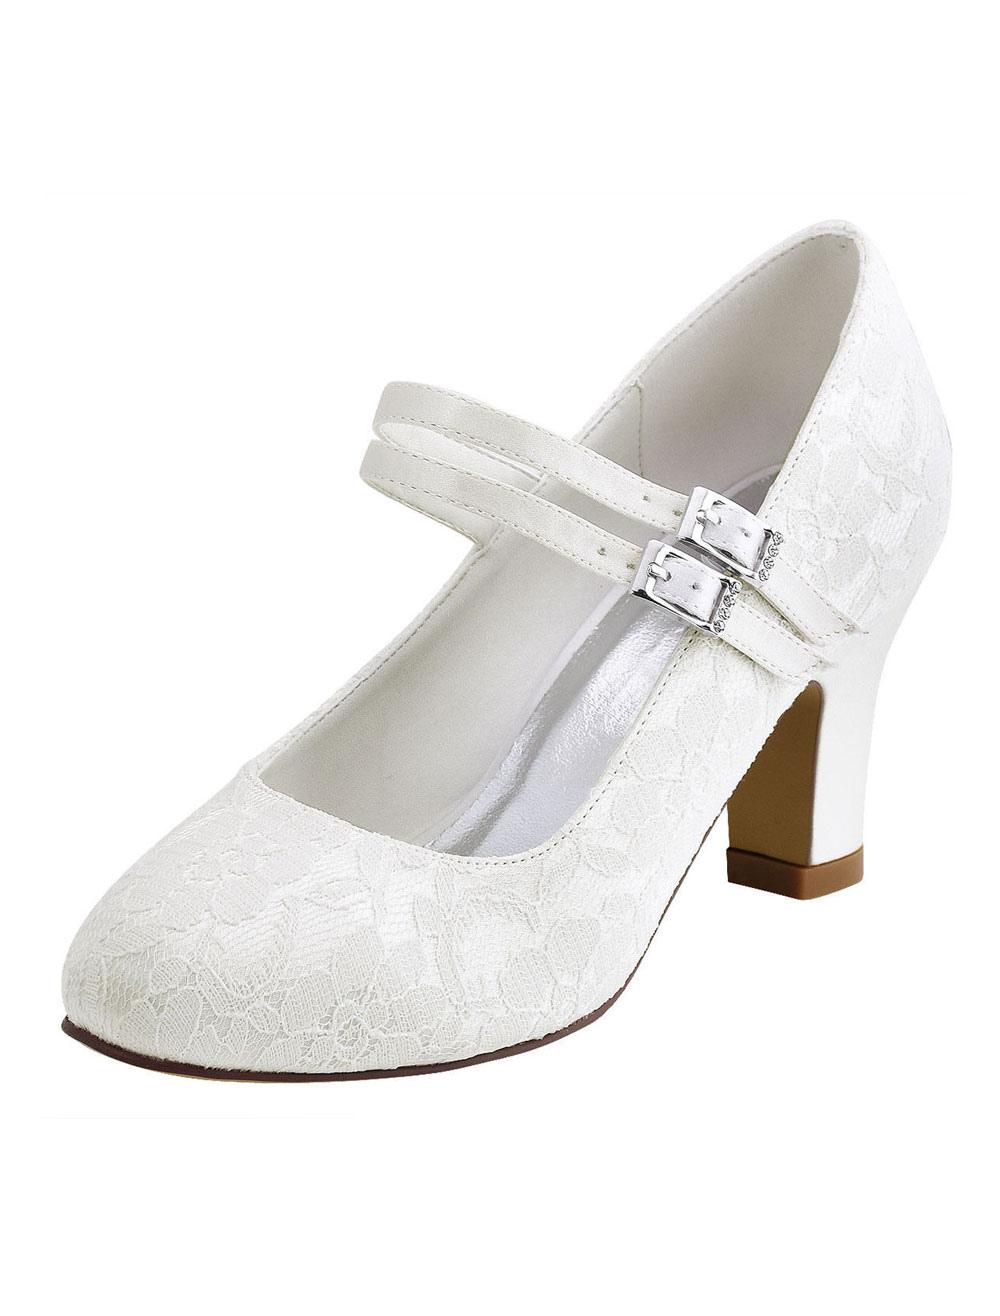 Zapatos de novia 2018 de marfil Zapatos de novia de punta redonda Mary Jane VqadefuZf9